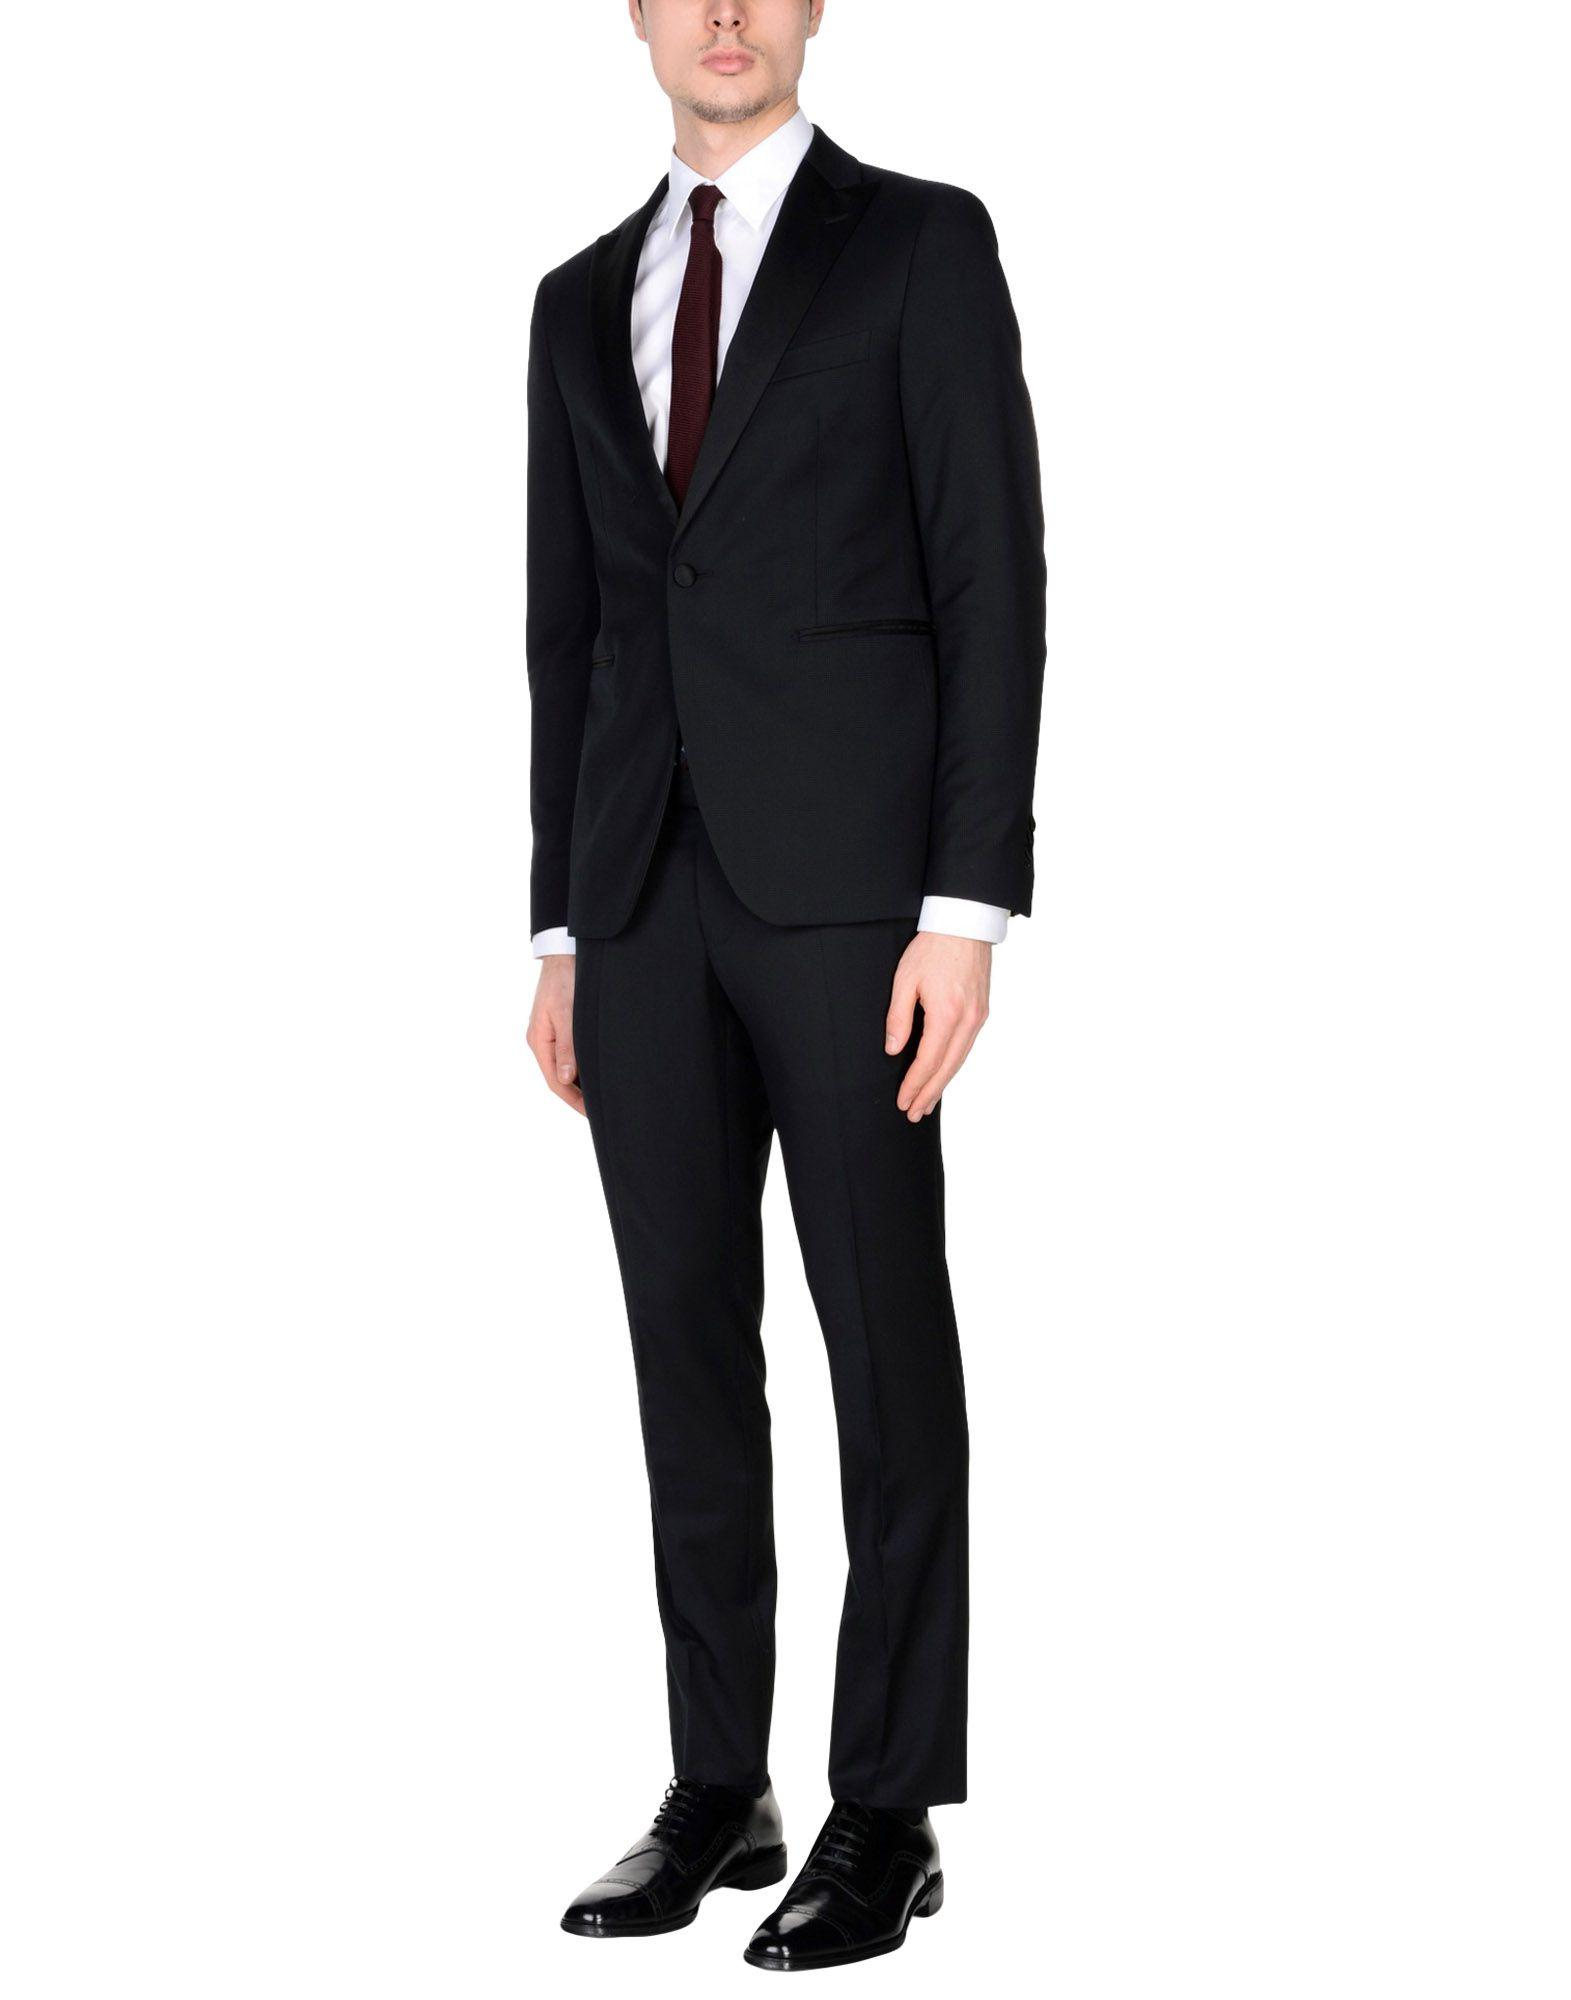 Tagliatore Suits In Black